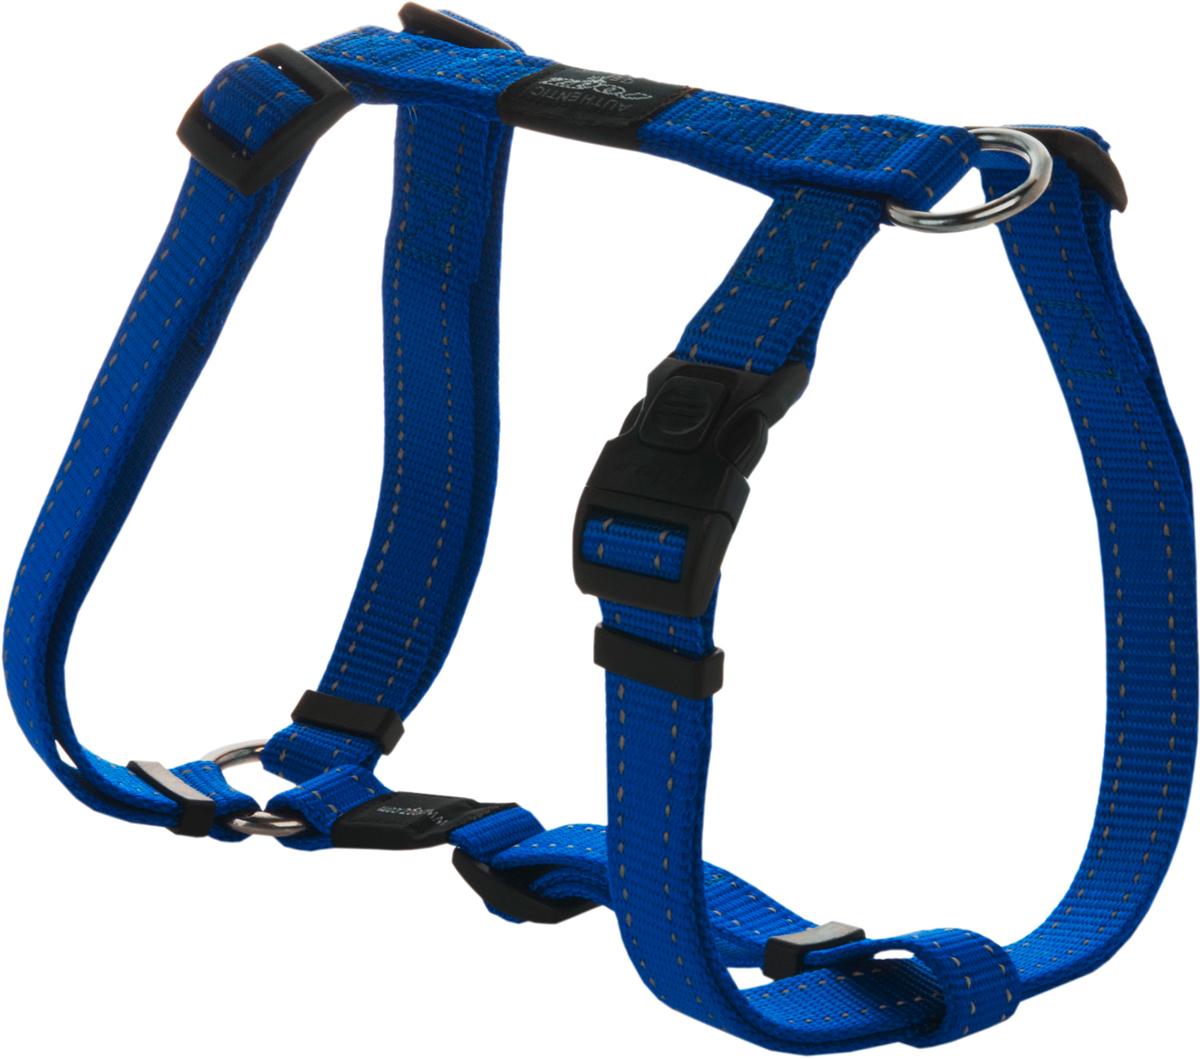 Шлейка для собак Rogz Utility, цвет: синий, ширина 2 см. Размер LSJ06BШлейка для собак Rogz Utility со светоотражающей нитью, вплетенной в нейлоновую ленту, обеспечивает лучшую видимость собаки в темное время суток. Специальная конструкция пряжки Rog Loc - очень крепкая (система Fort Knox). Замок может быть расстегнут только рукой человека. Технология распределения нагрузки позволяет снизить нагрузку на пряжки, изготовленные из титанового пластика, с помощью правильного и разумного расположения грузовых колец, благодаря чему, даже при самых сильных рывках, изделие не рвется и не деформируется.Выполненные специально по заказу ROGZ литые кольца гальванически хромированы, что позволяет избежать коррозии и потускнения изделия. Рекомендуемые породы, для которых подходит шлейка: далматин, спаниель, доберман, боксер. Обхват груди собаки: 45-75 см. Обхват шеи собаки: 34-56 см.